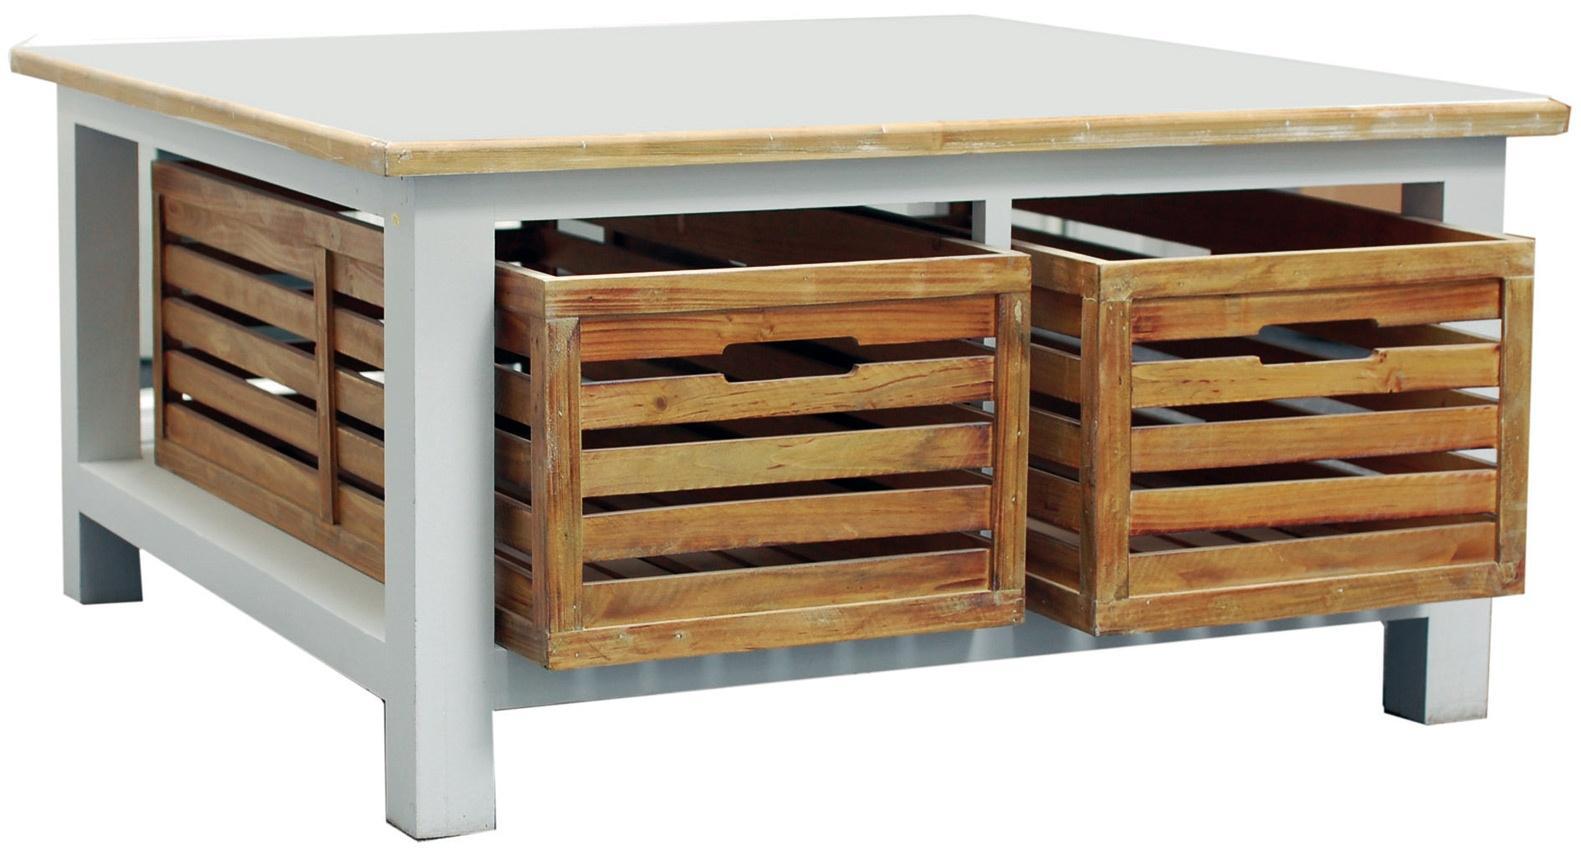 m bel im landhausstil couchtisch im landhausstil. Black Bedroom Furniture Sets. Home Design Ideas